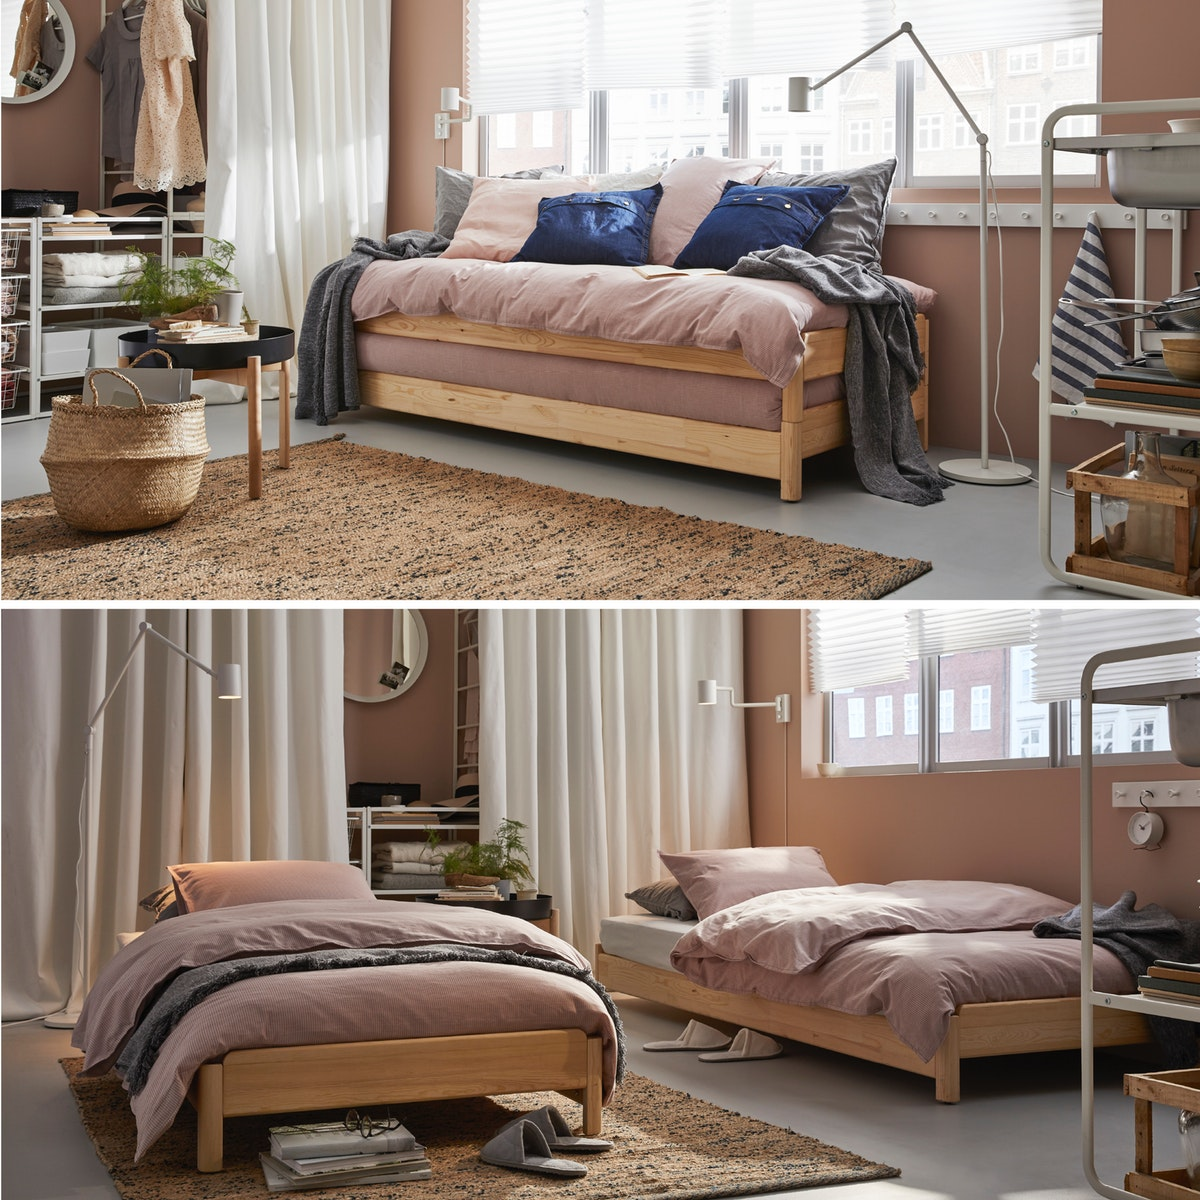 Ein vielseitiges Wohn- und Schlafzimmer mit Bett, Couchtisch, Wandleuchte und Spiegel.